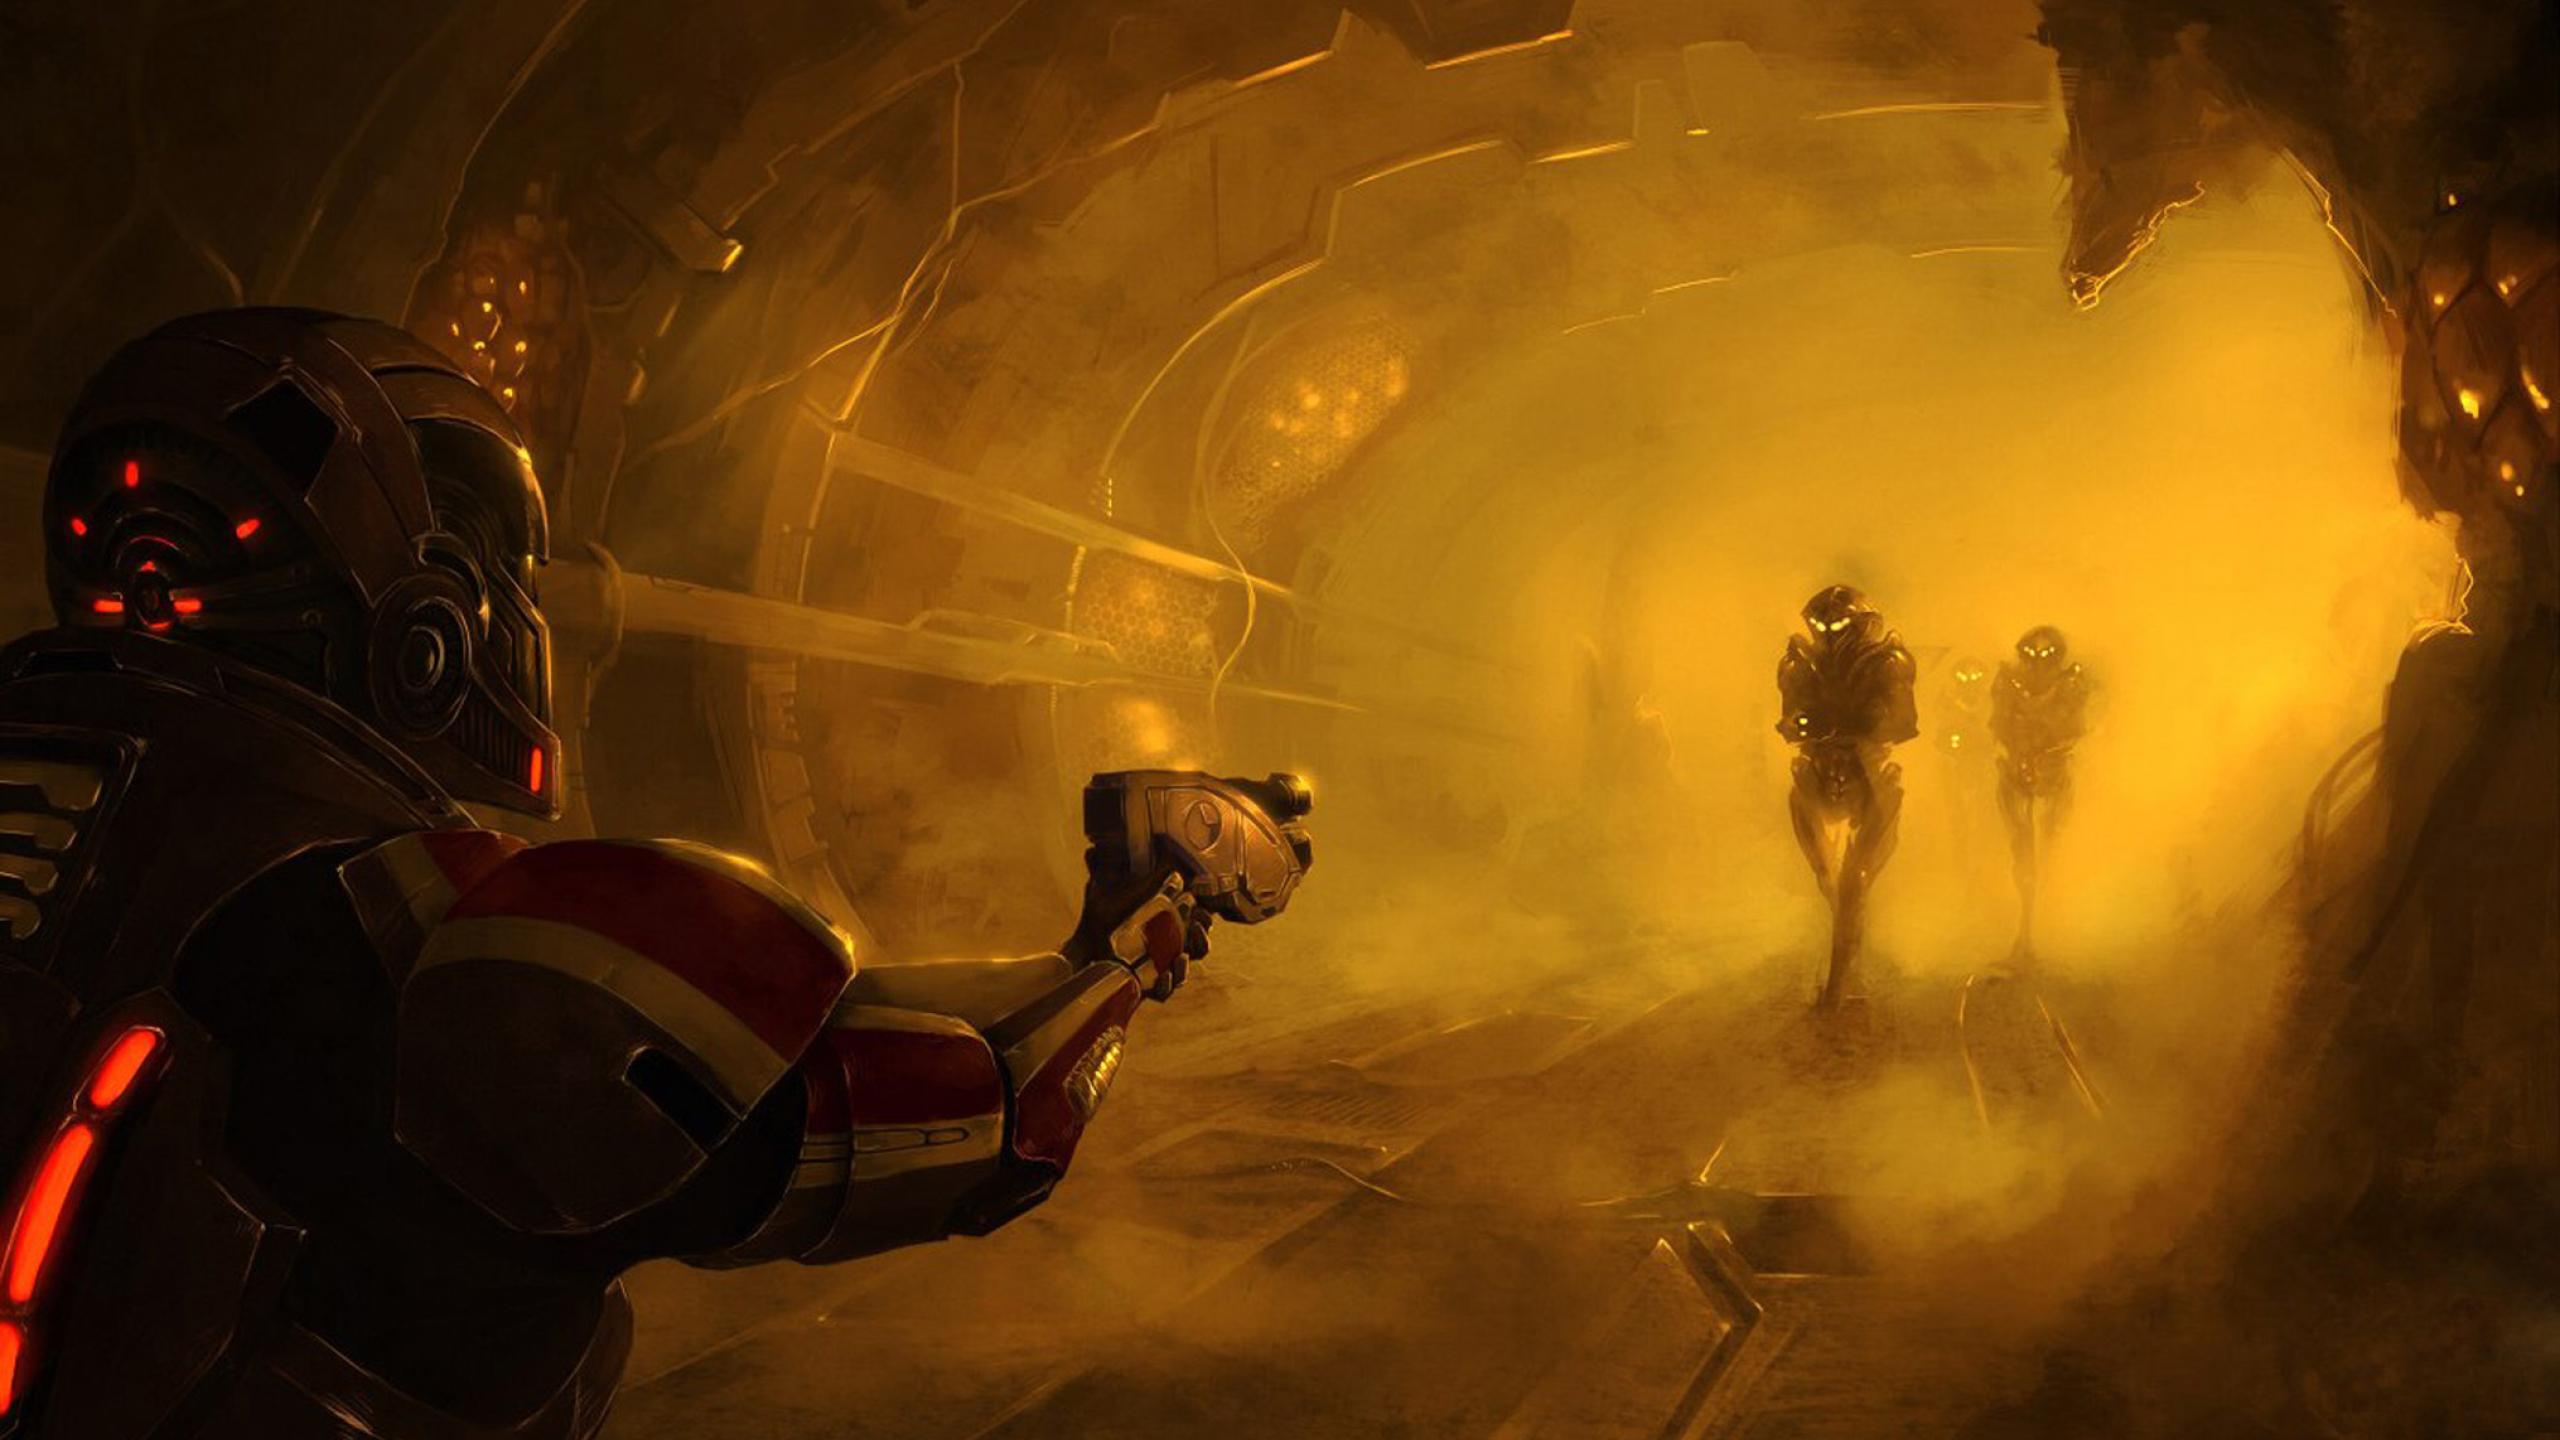 2560x1440 Mass Effect 3 Shepard Art 1440p Resolution Wallpaper